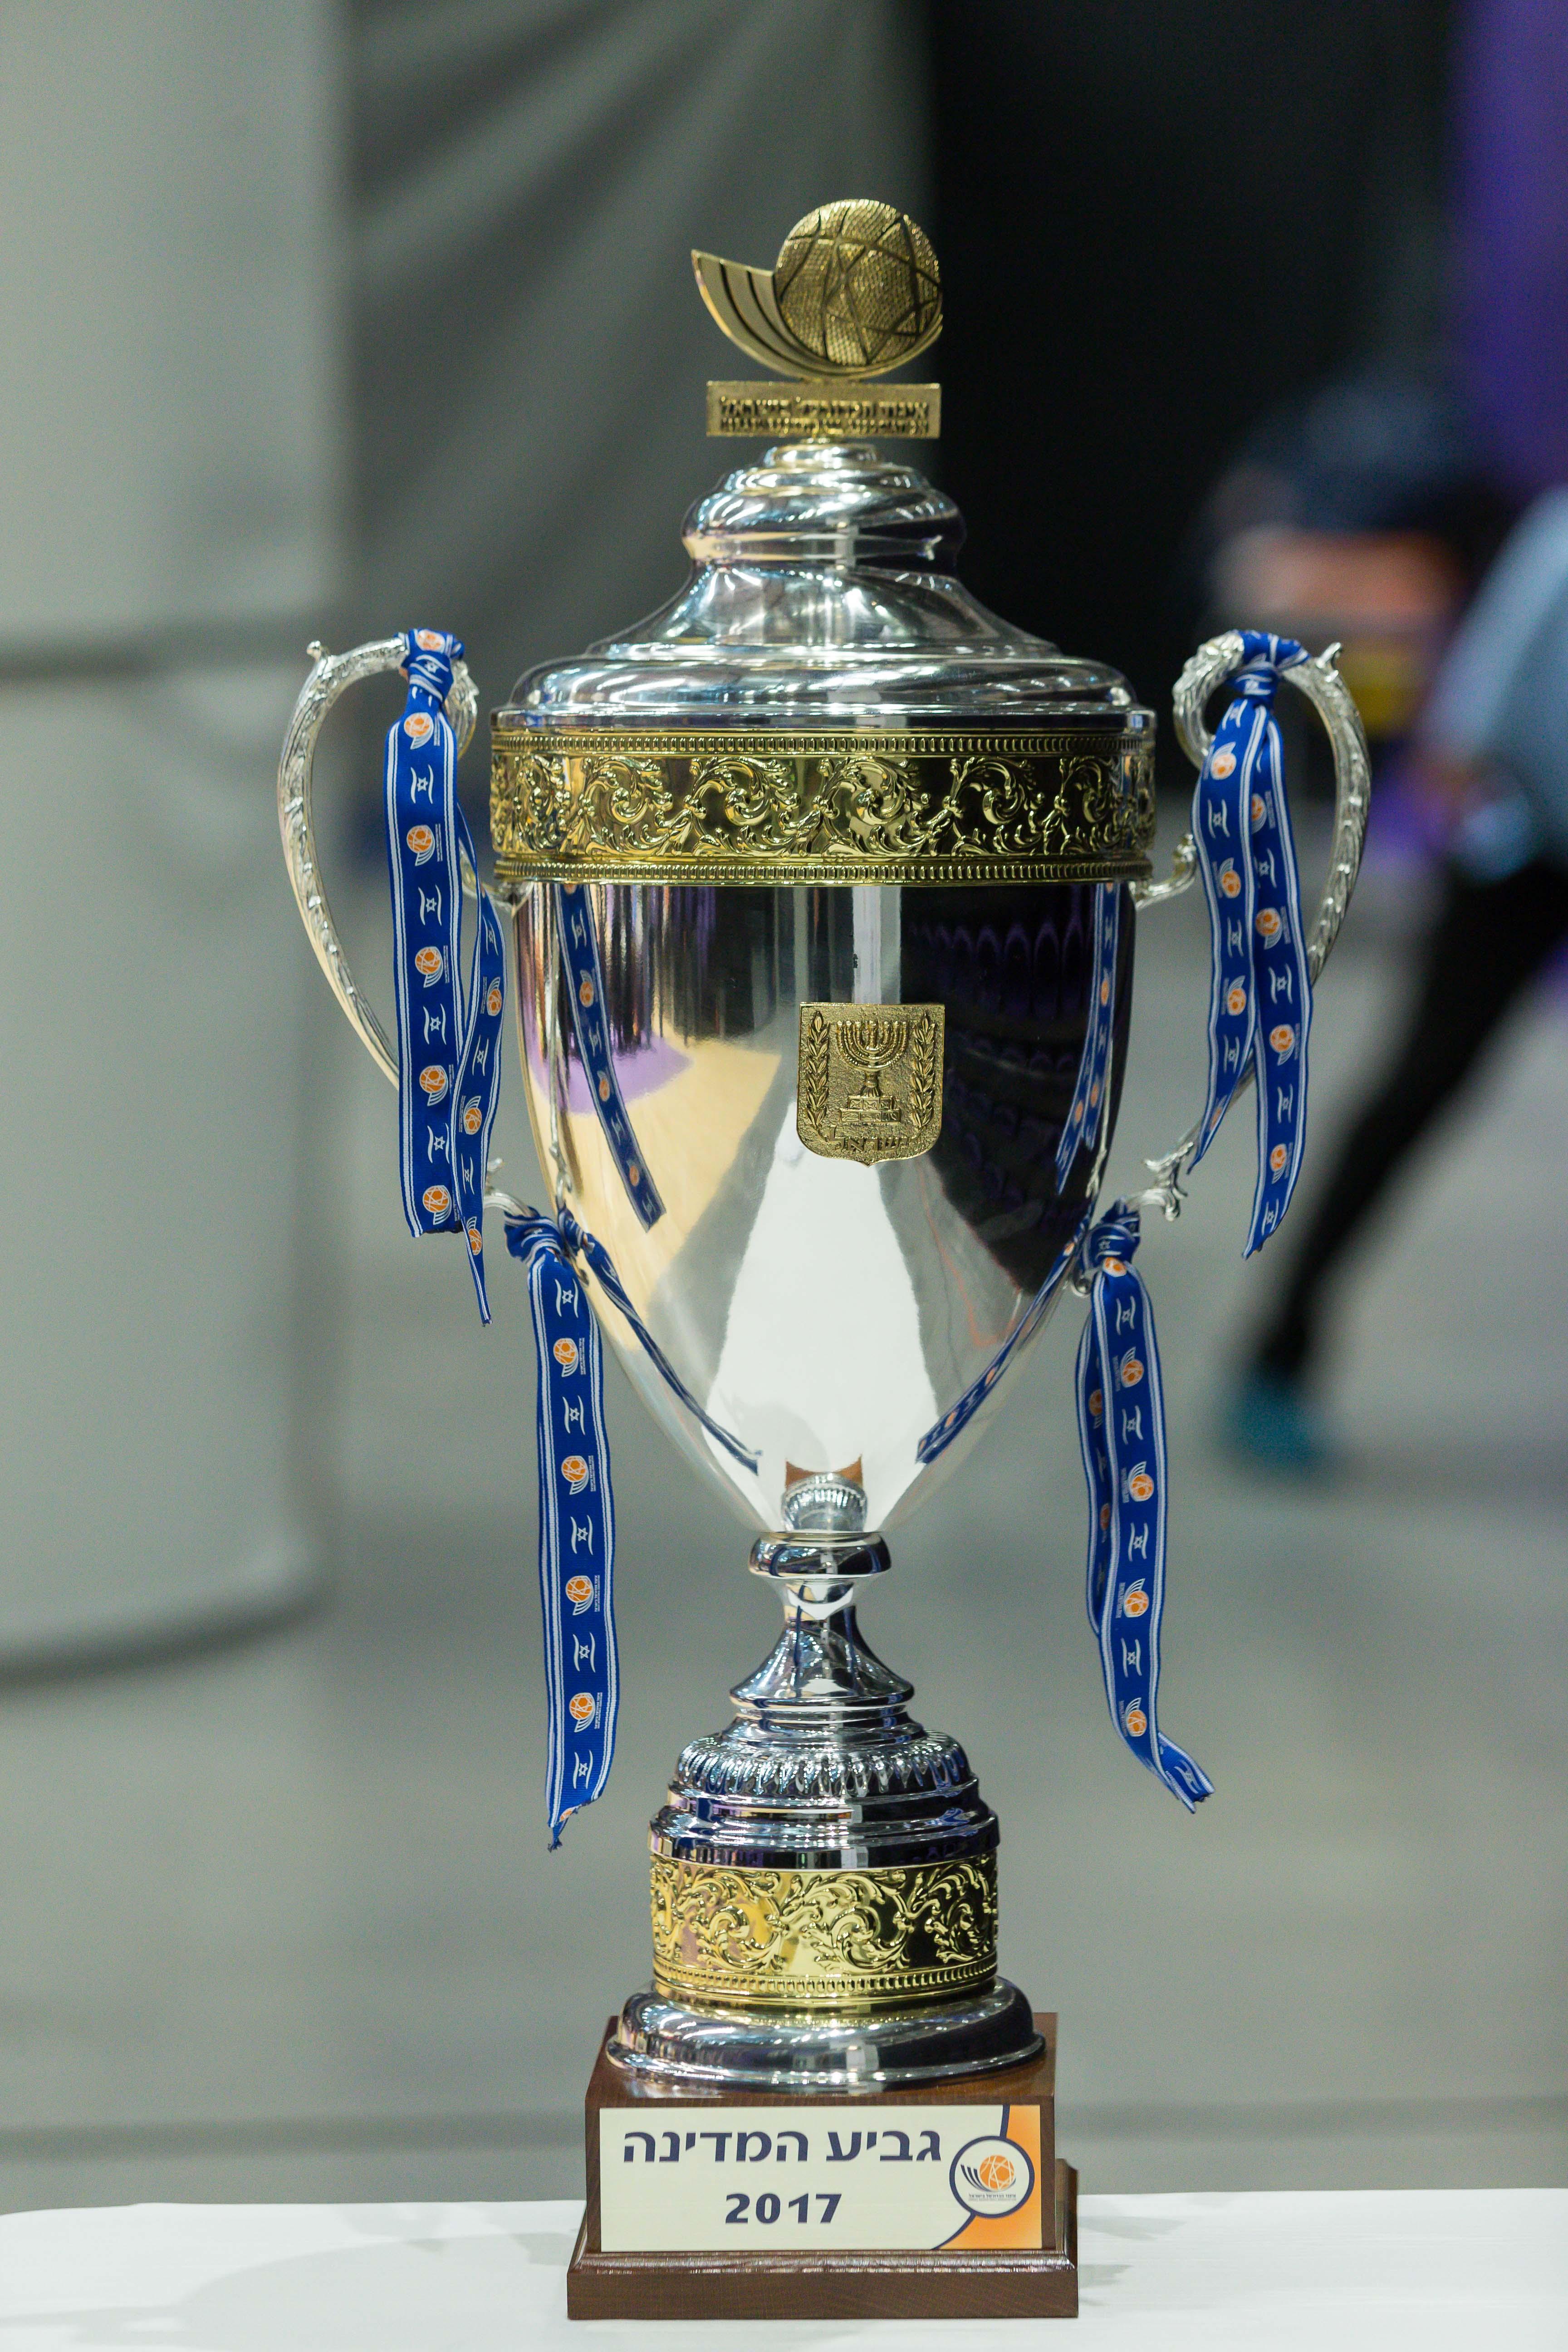 עדכון: משחק רבע גמר גביע המדינה בין הפועל באר שבע להפועל חולון נדחה ליום שלישי